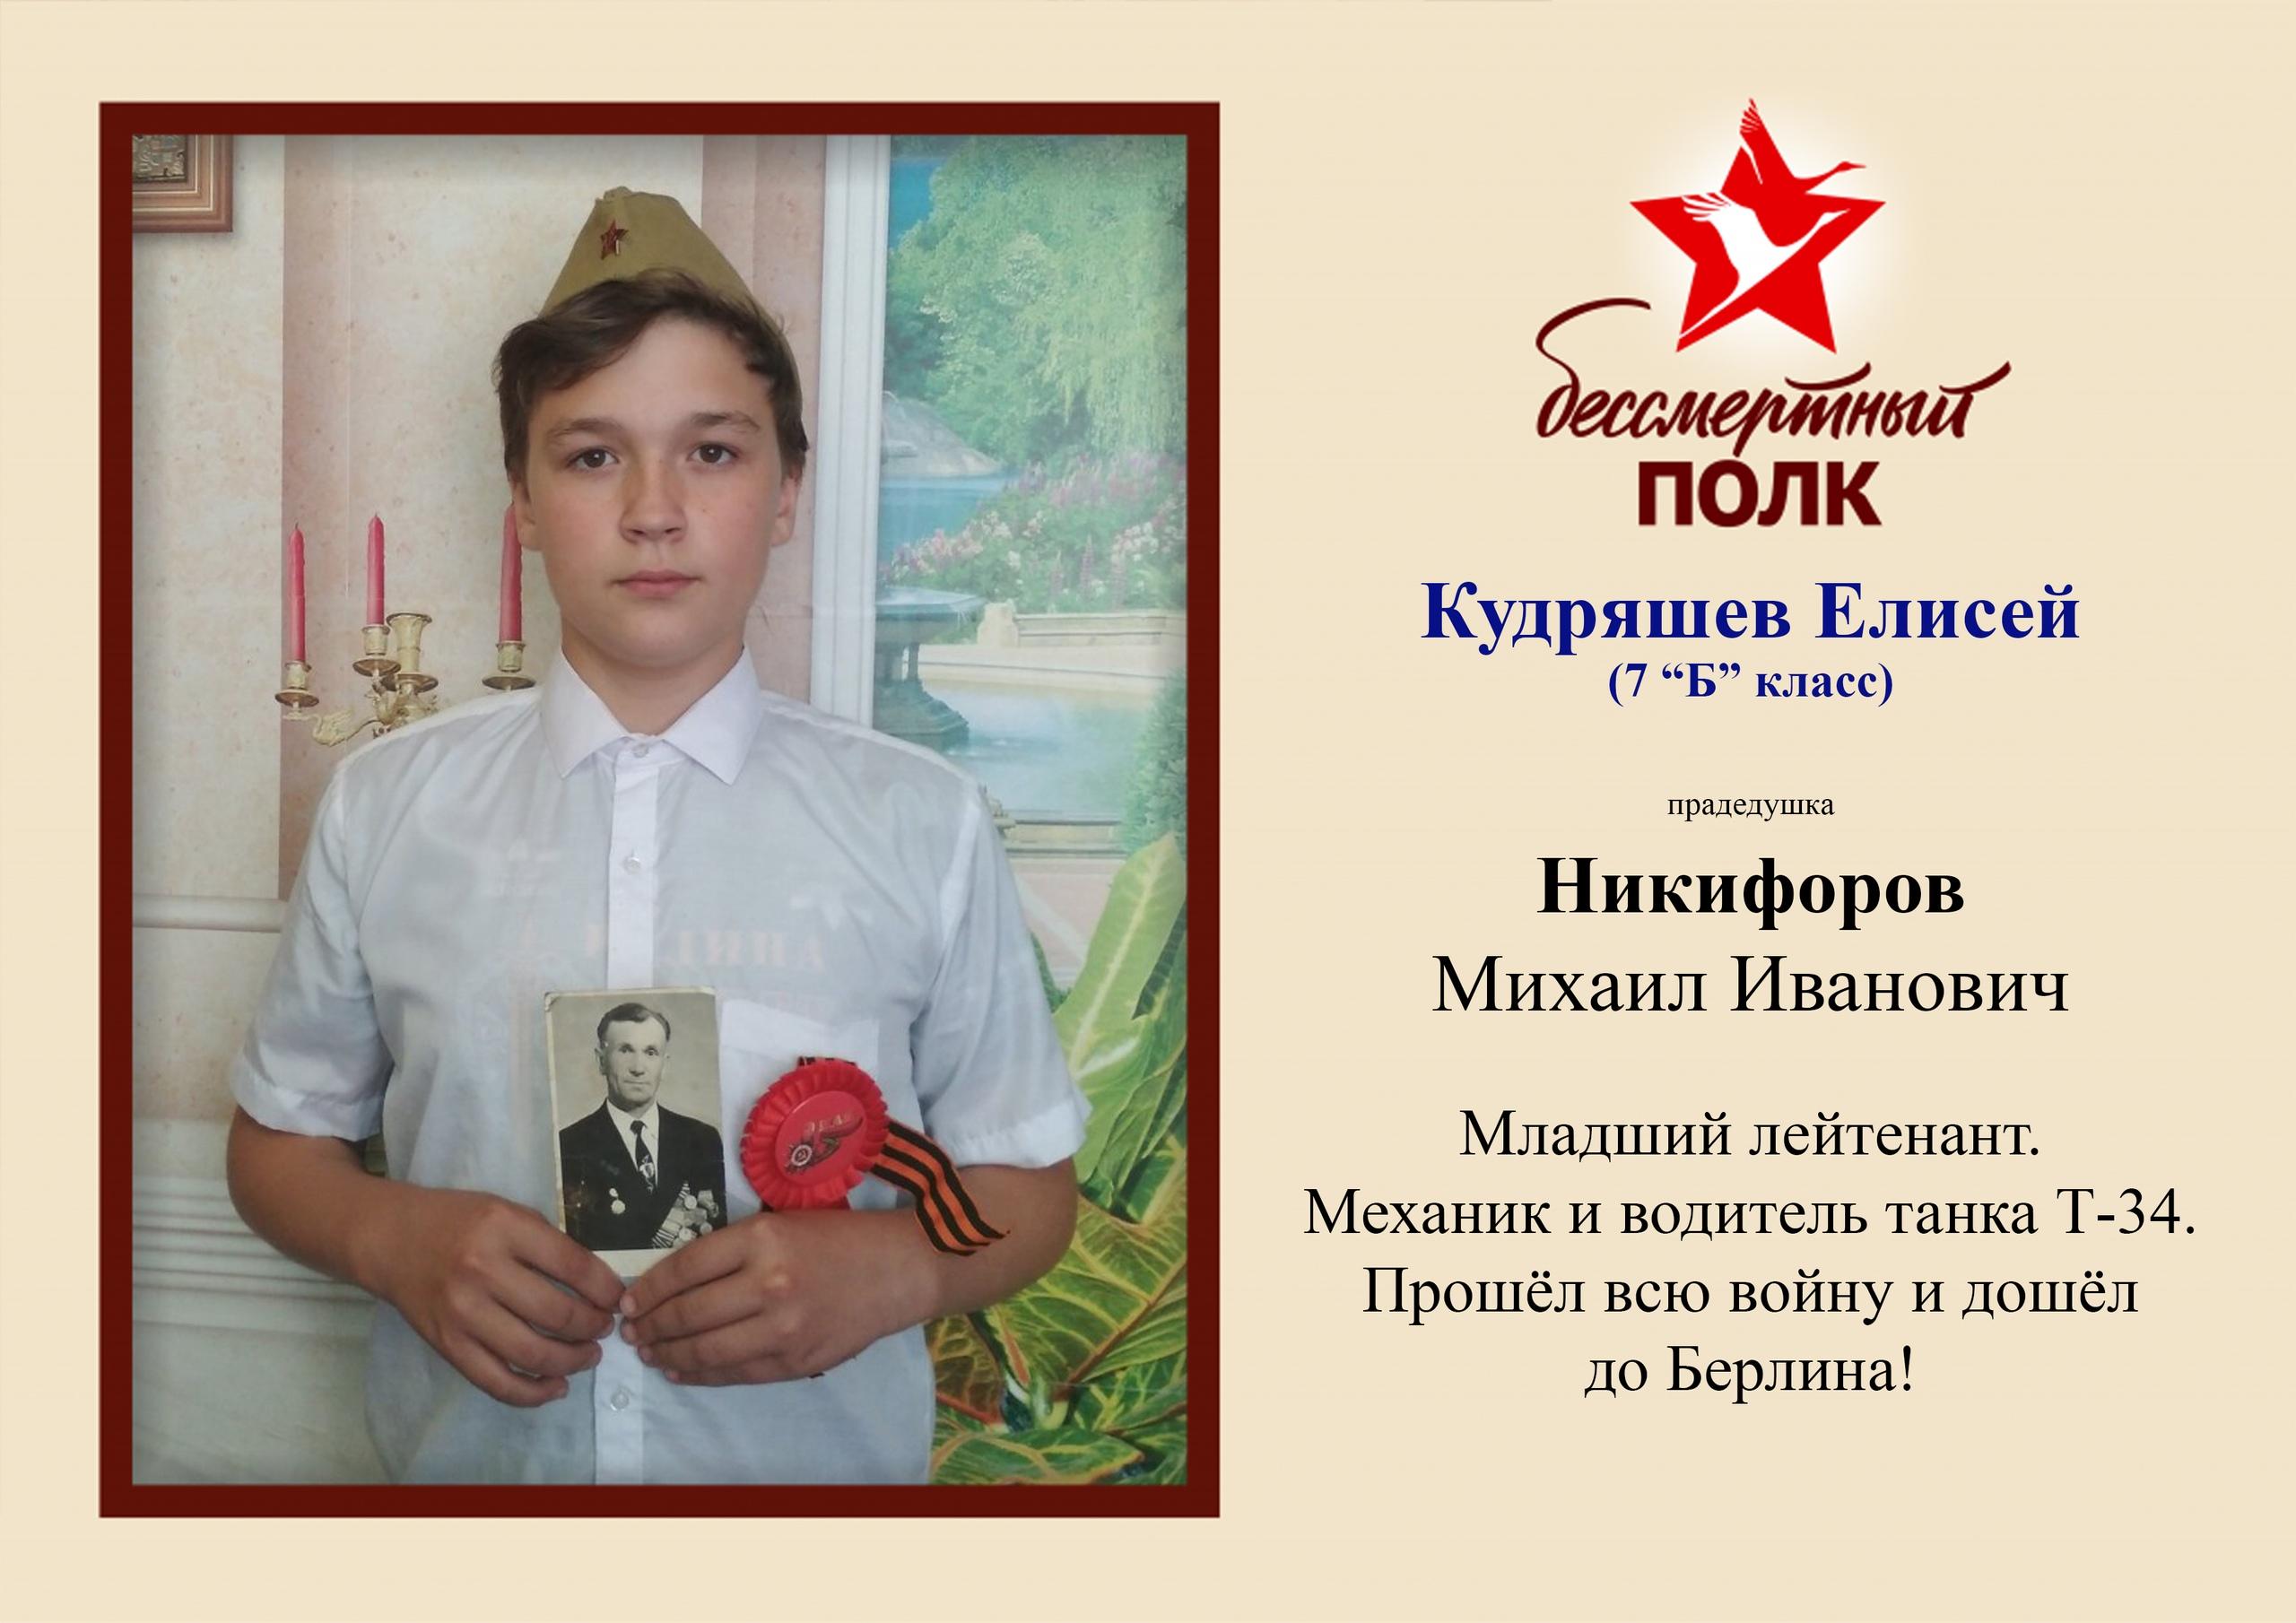 Кудряшев Елисей